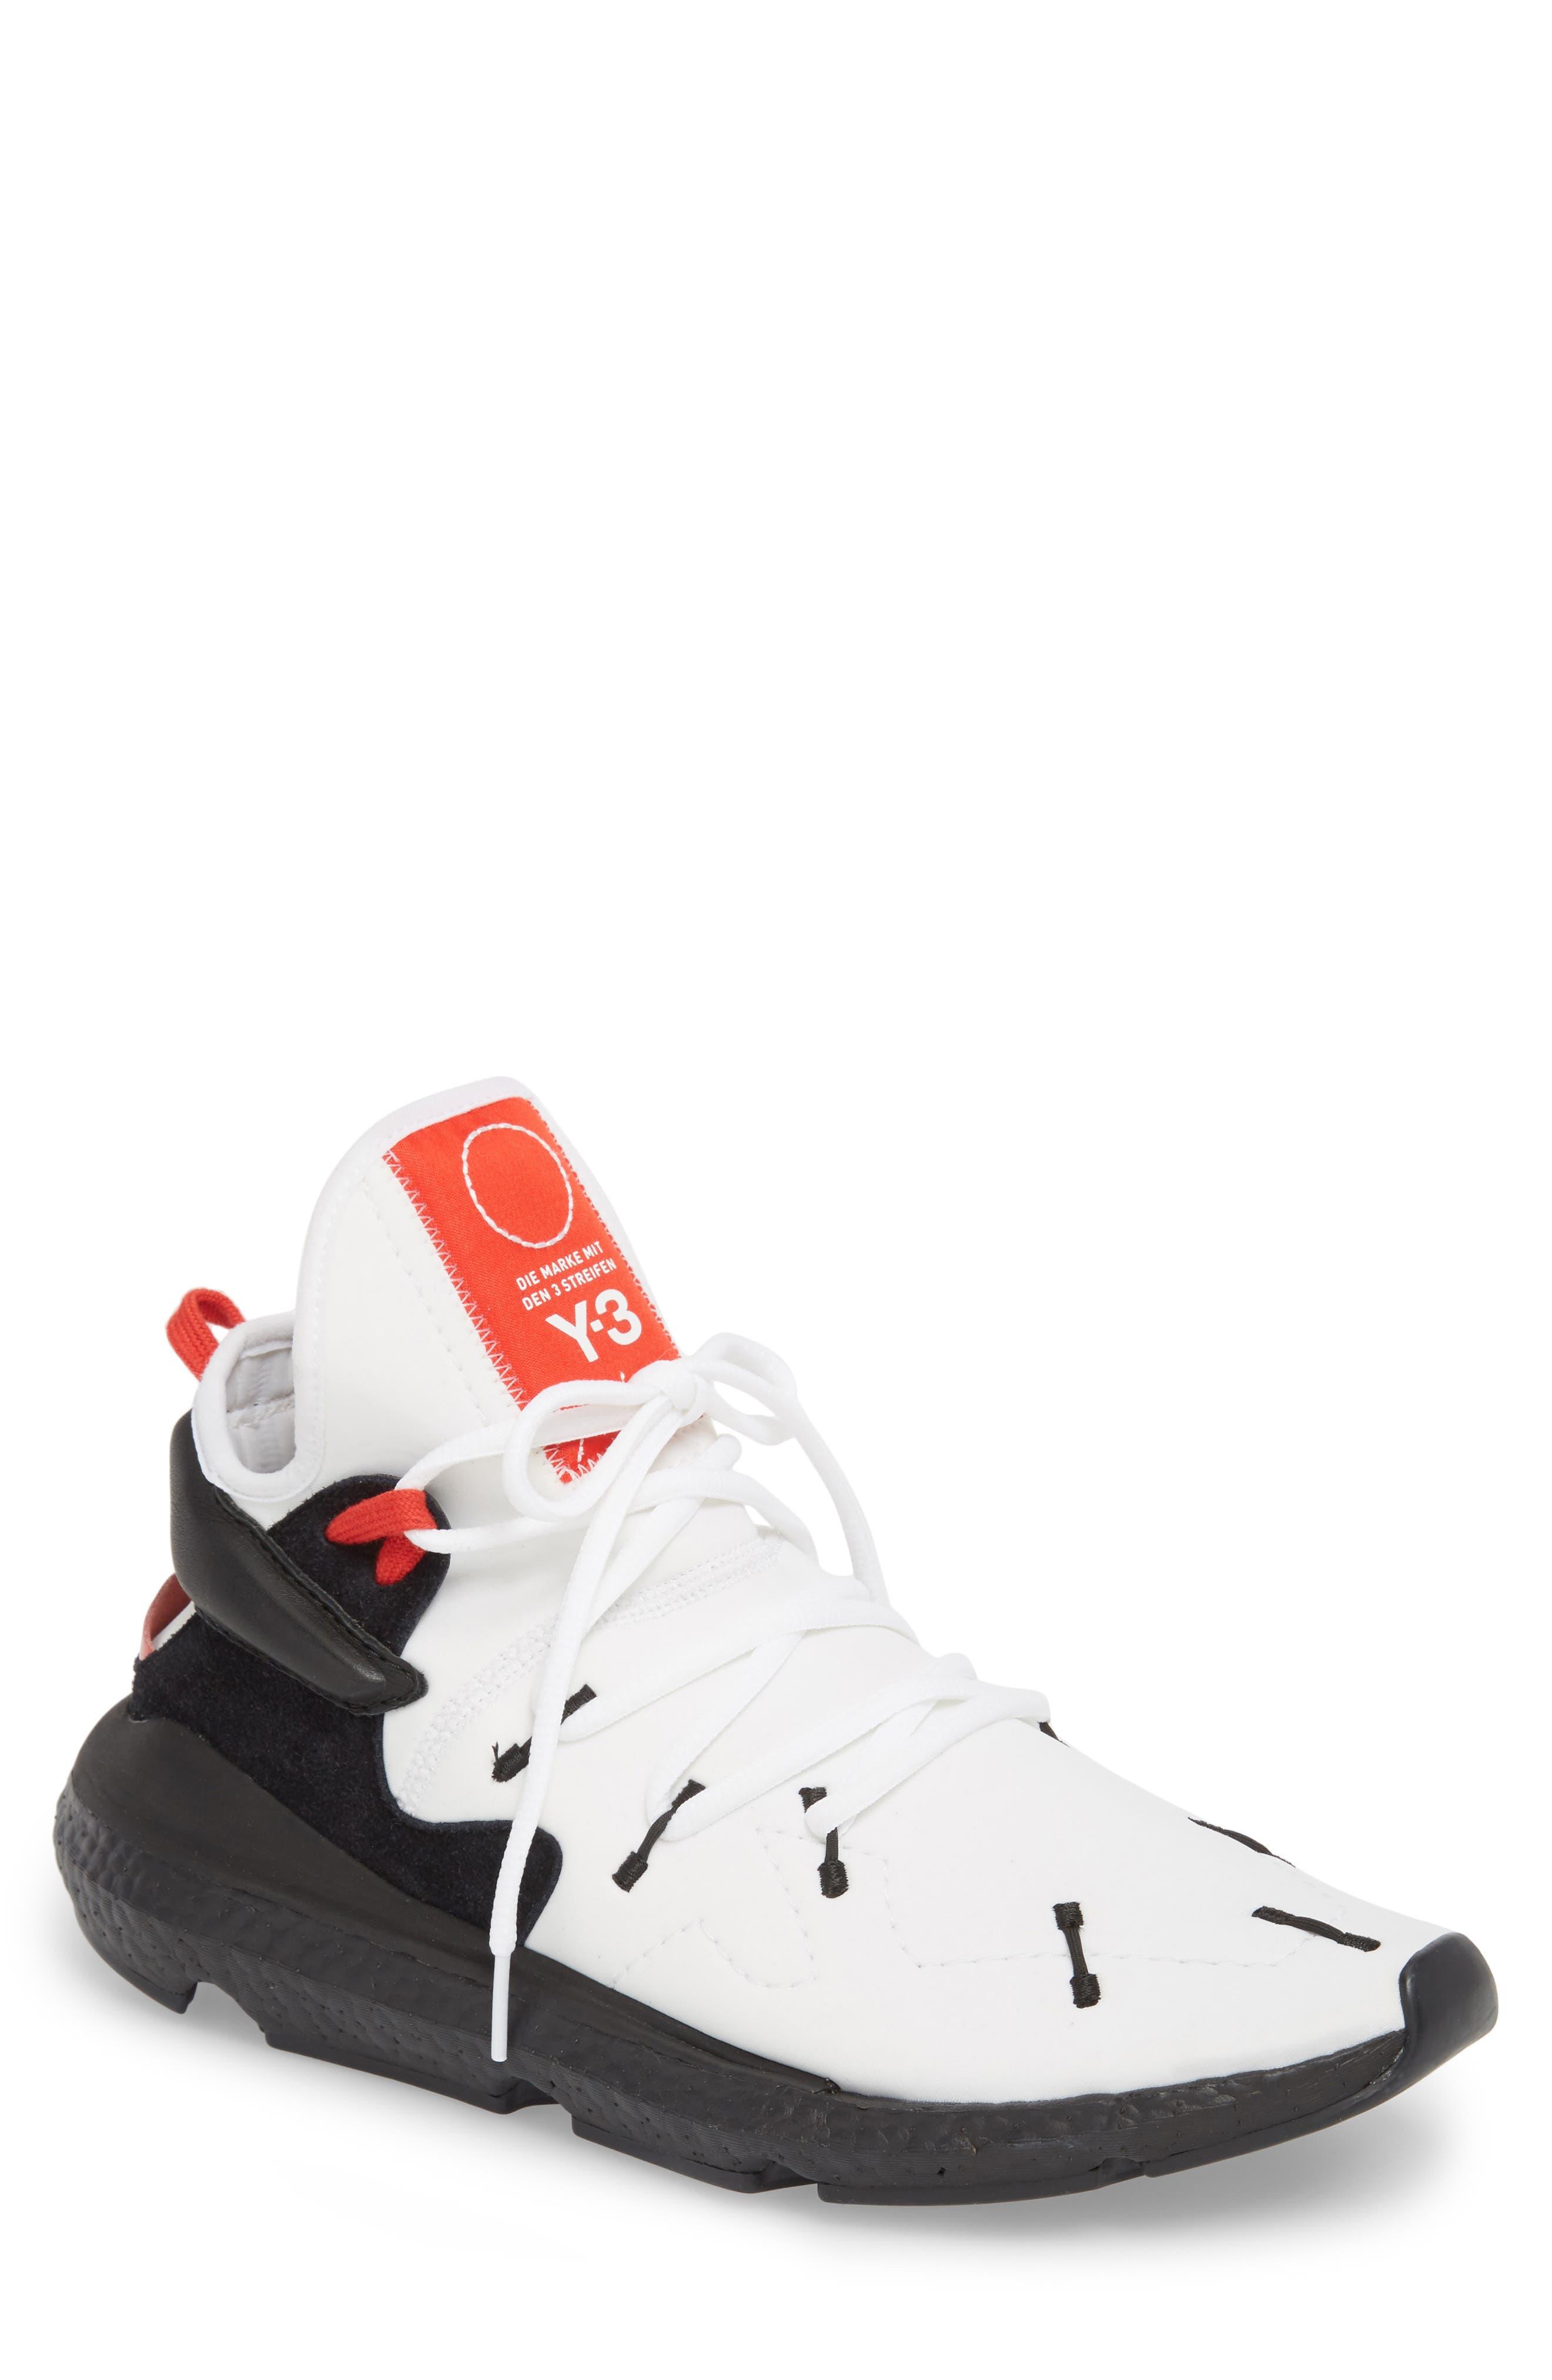 Y-3 x adidas Kusari II Sneaker, Main, color, 100